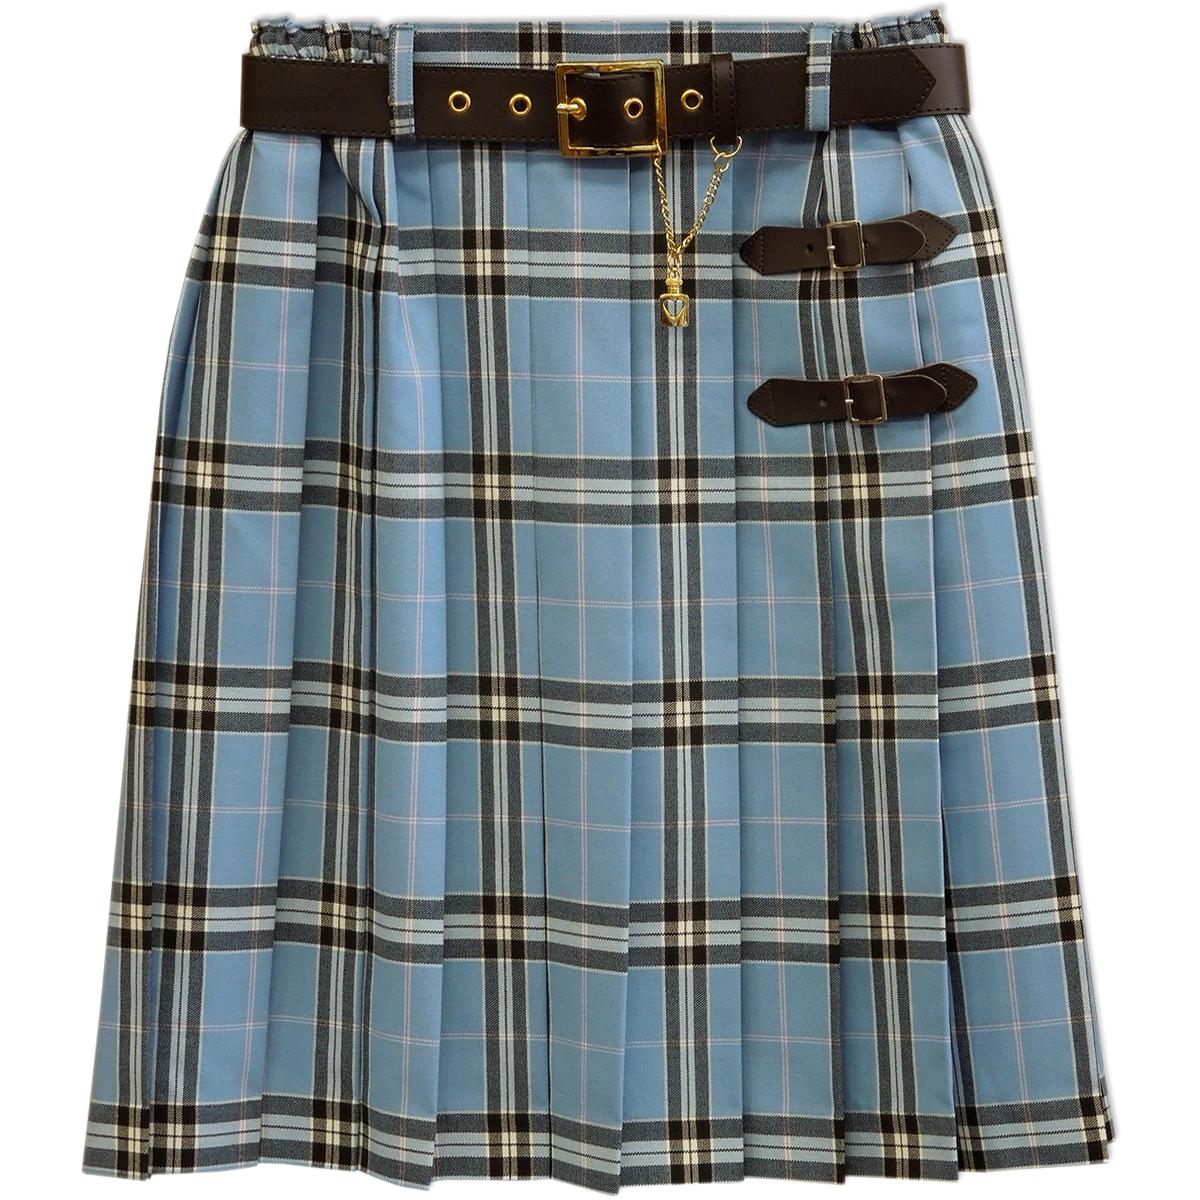 01926114d ... Skirt 9203 beige skirt blues cart 160 Bullitt check with child pleated  skirt lattice pleated skirt ...